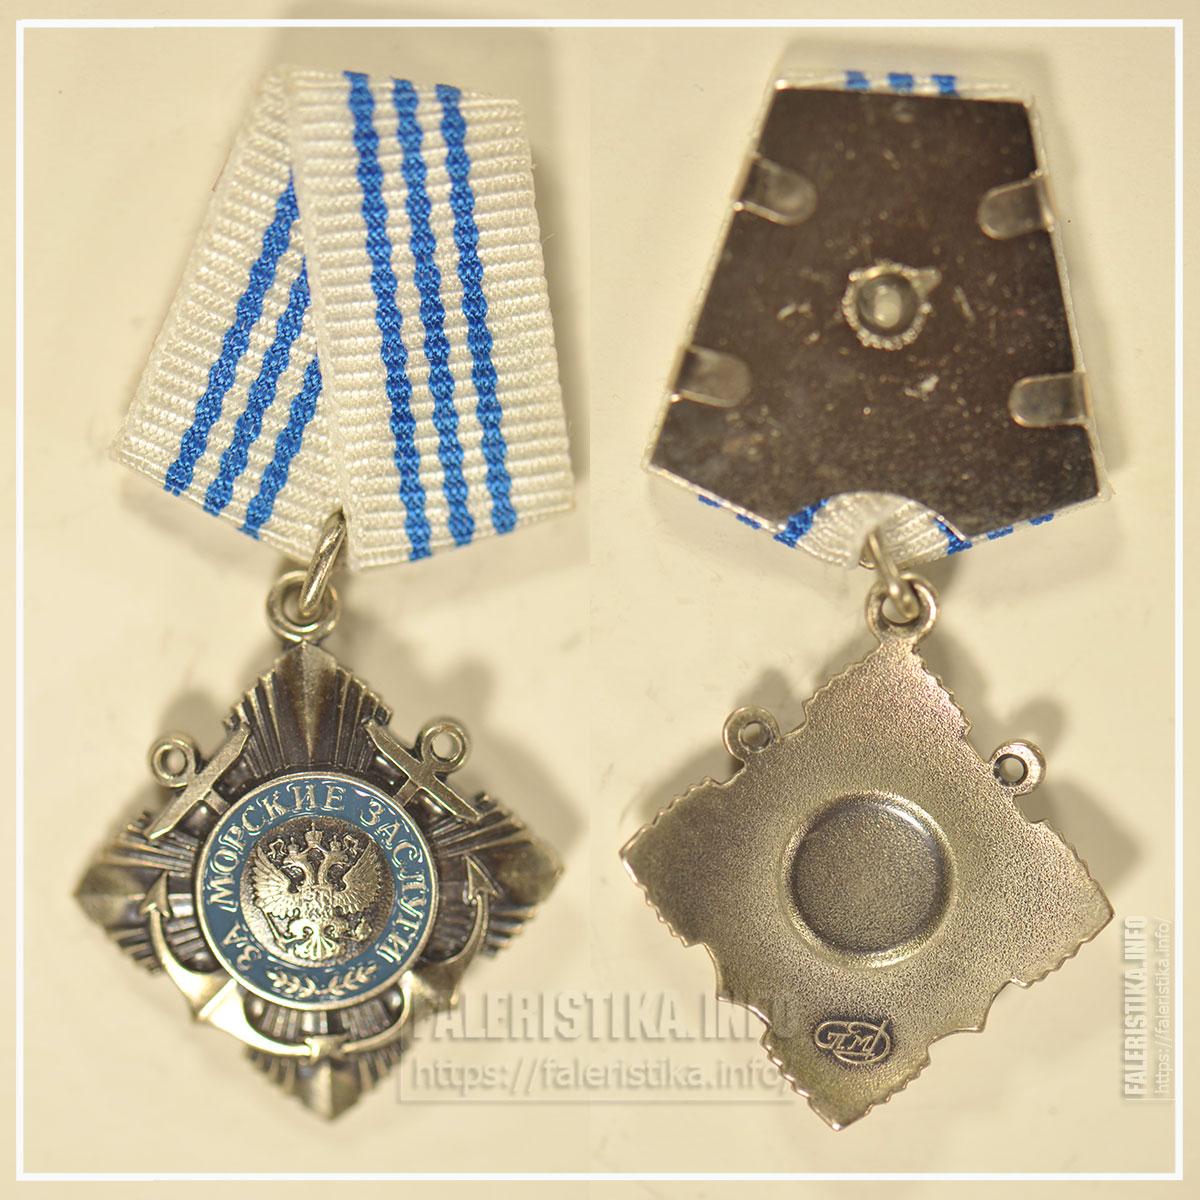 Орден «За морские заслуги». Миниатюрная копия знака (фрачник). Санкт-Петербургский монетный двор